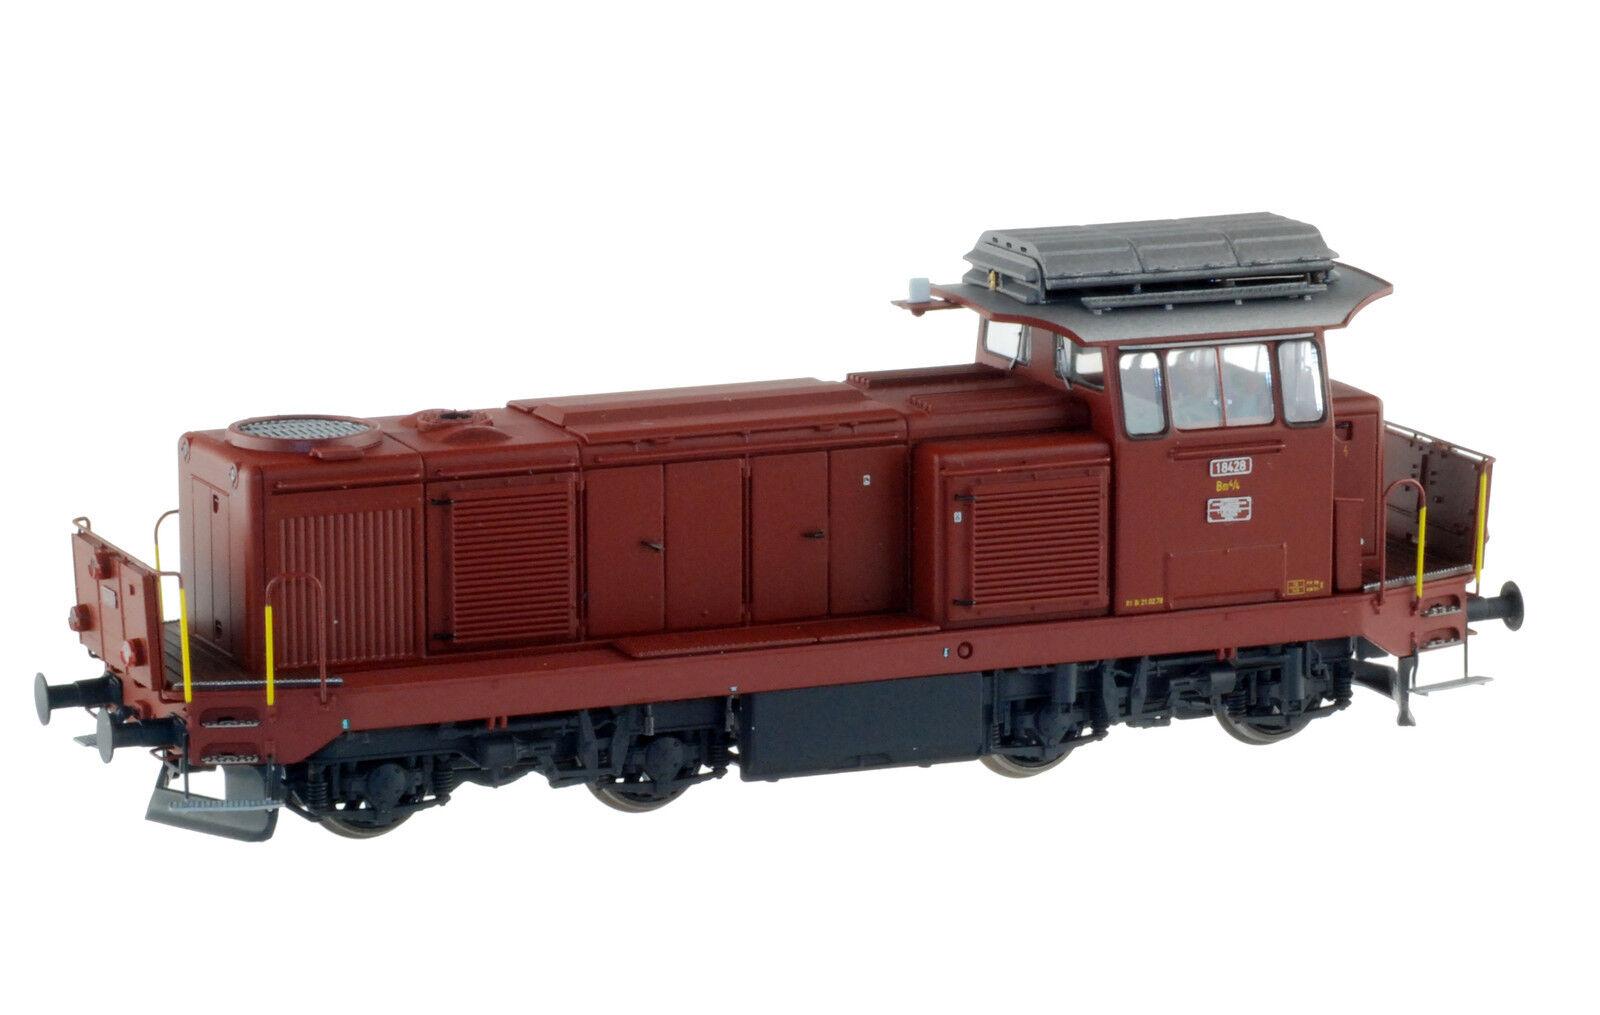 LSモデル17061 s SBBのCFFのFF BM 4 / 4ディーゼル機関車ブラウン3ライトEP 4 Aサウンド新しいOVP